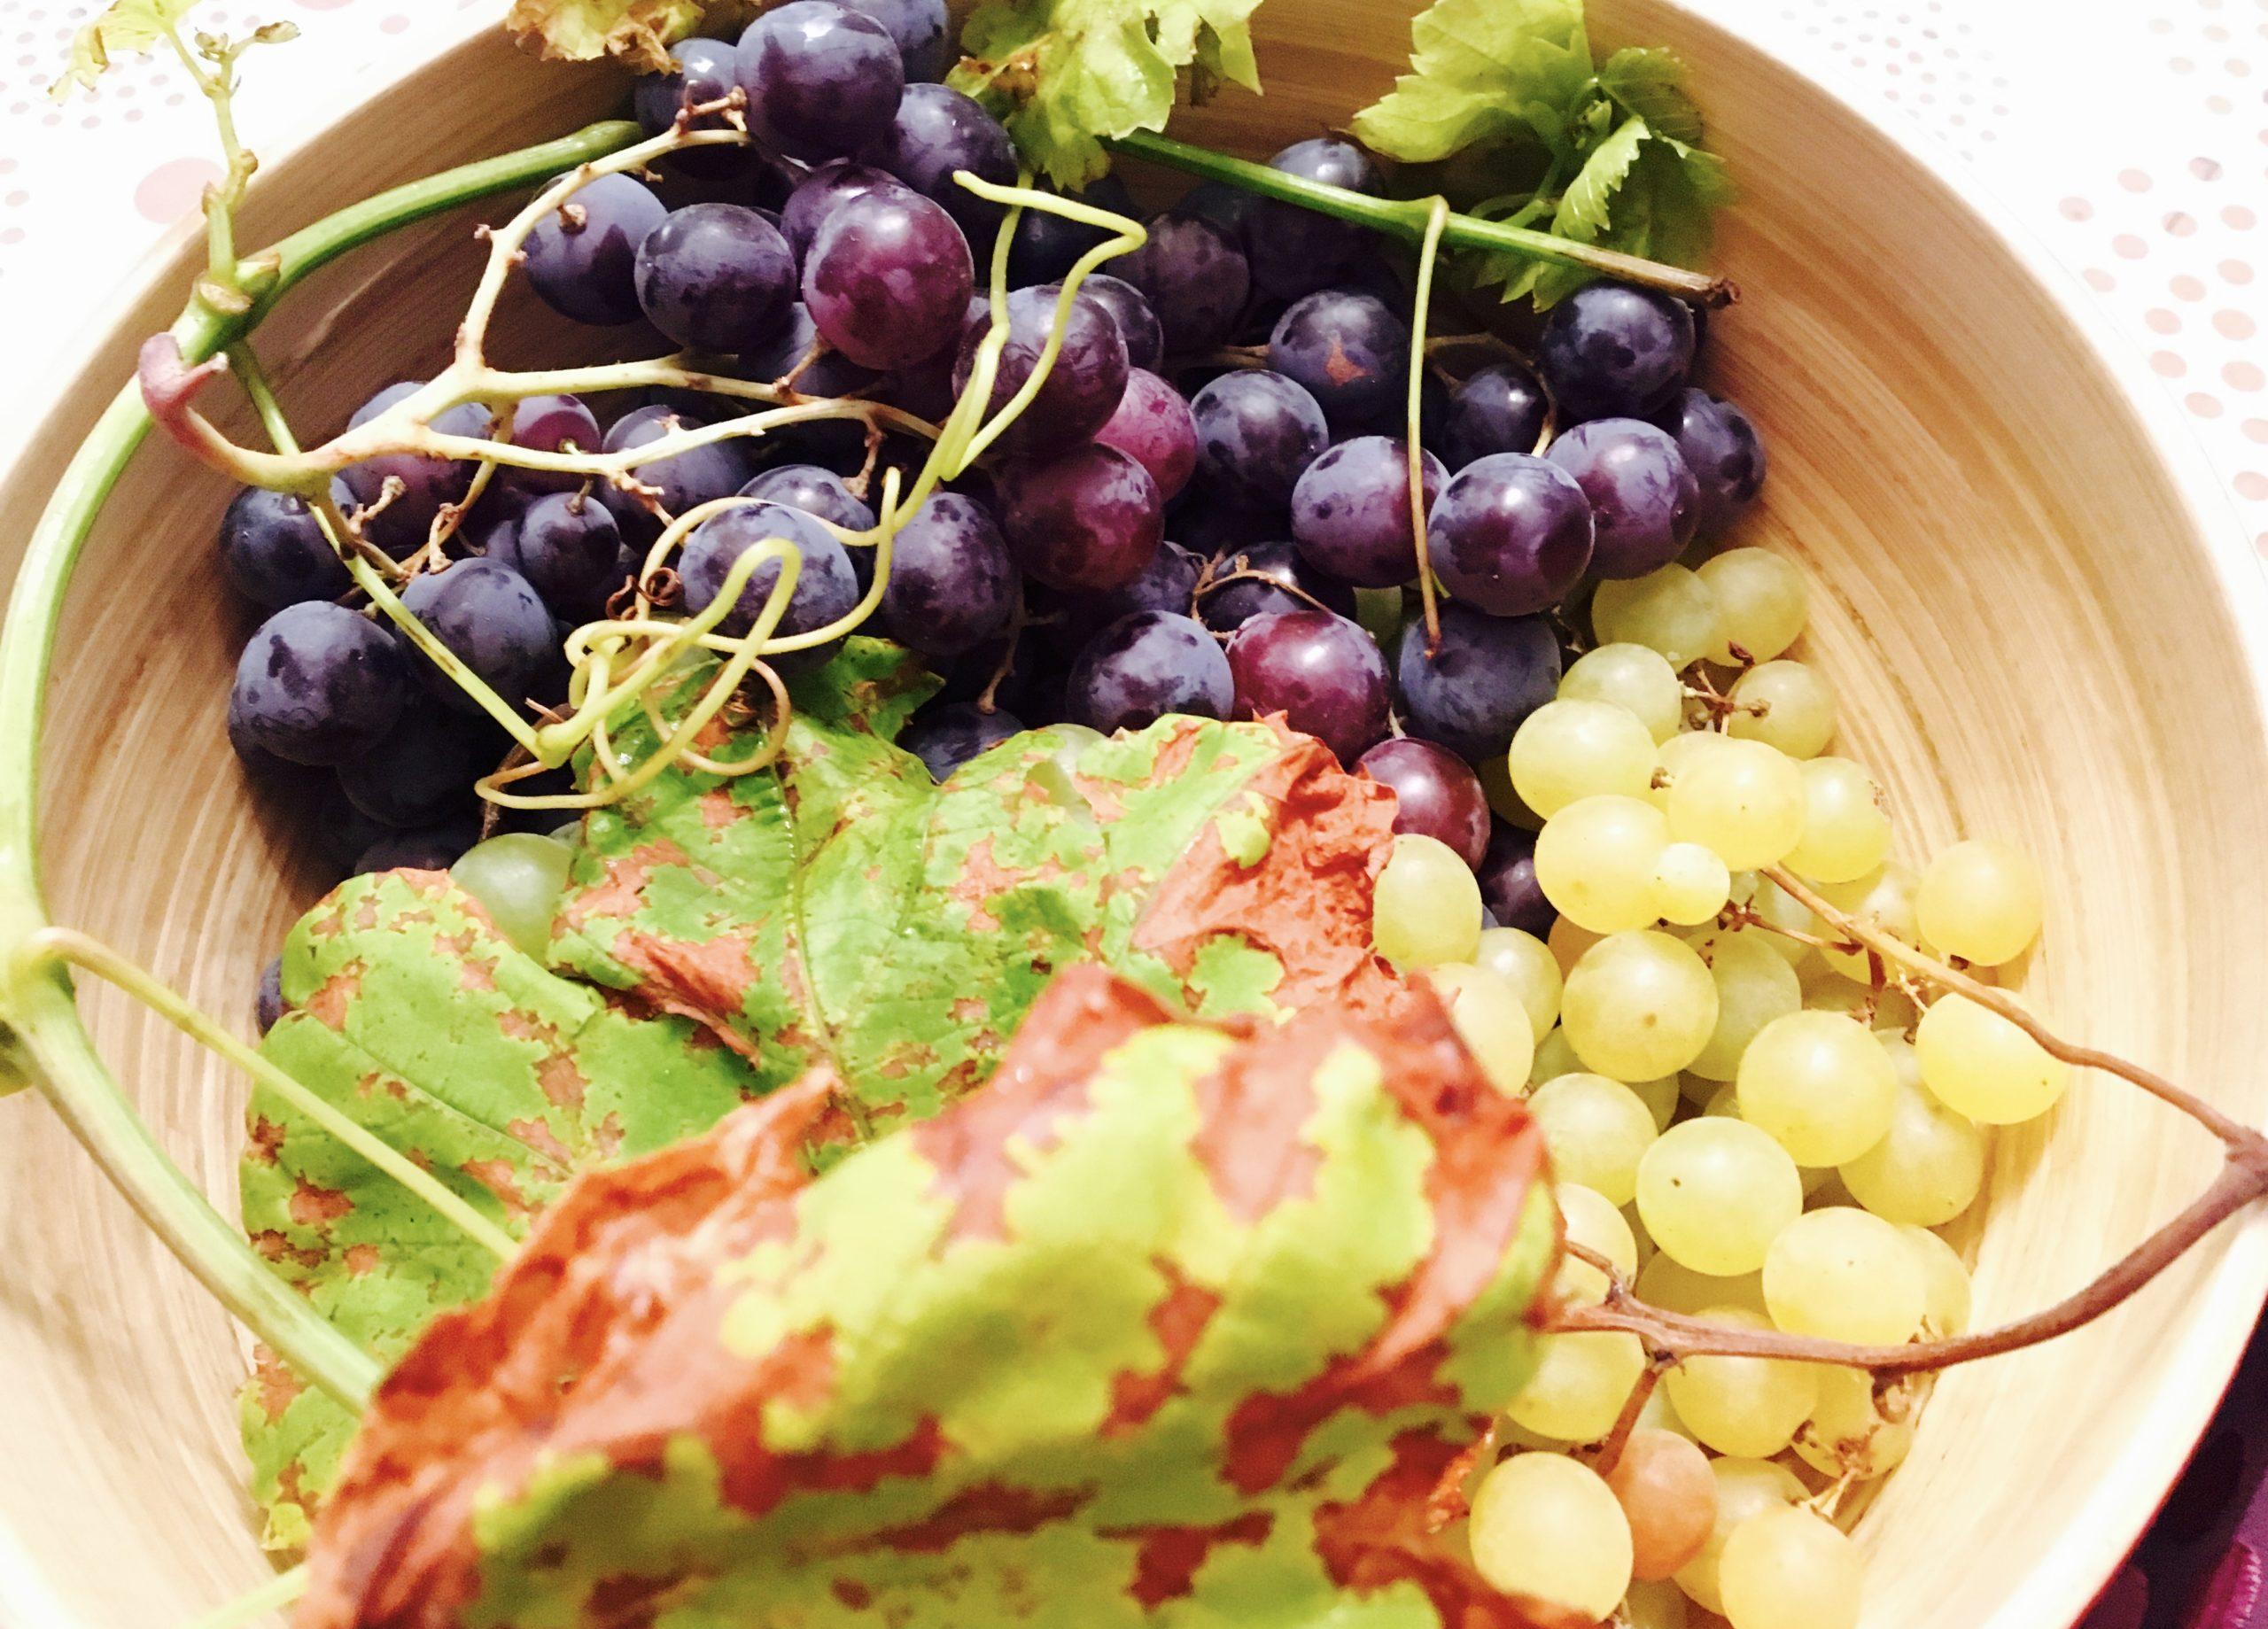 La cure de raisin recommandée pour les hypersensibles.